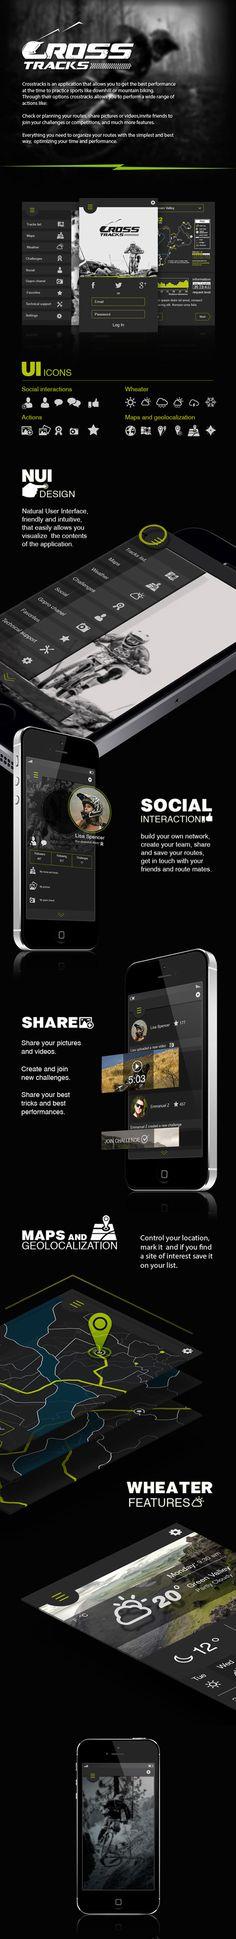 Daily Mobile UI Design Inspiration #346